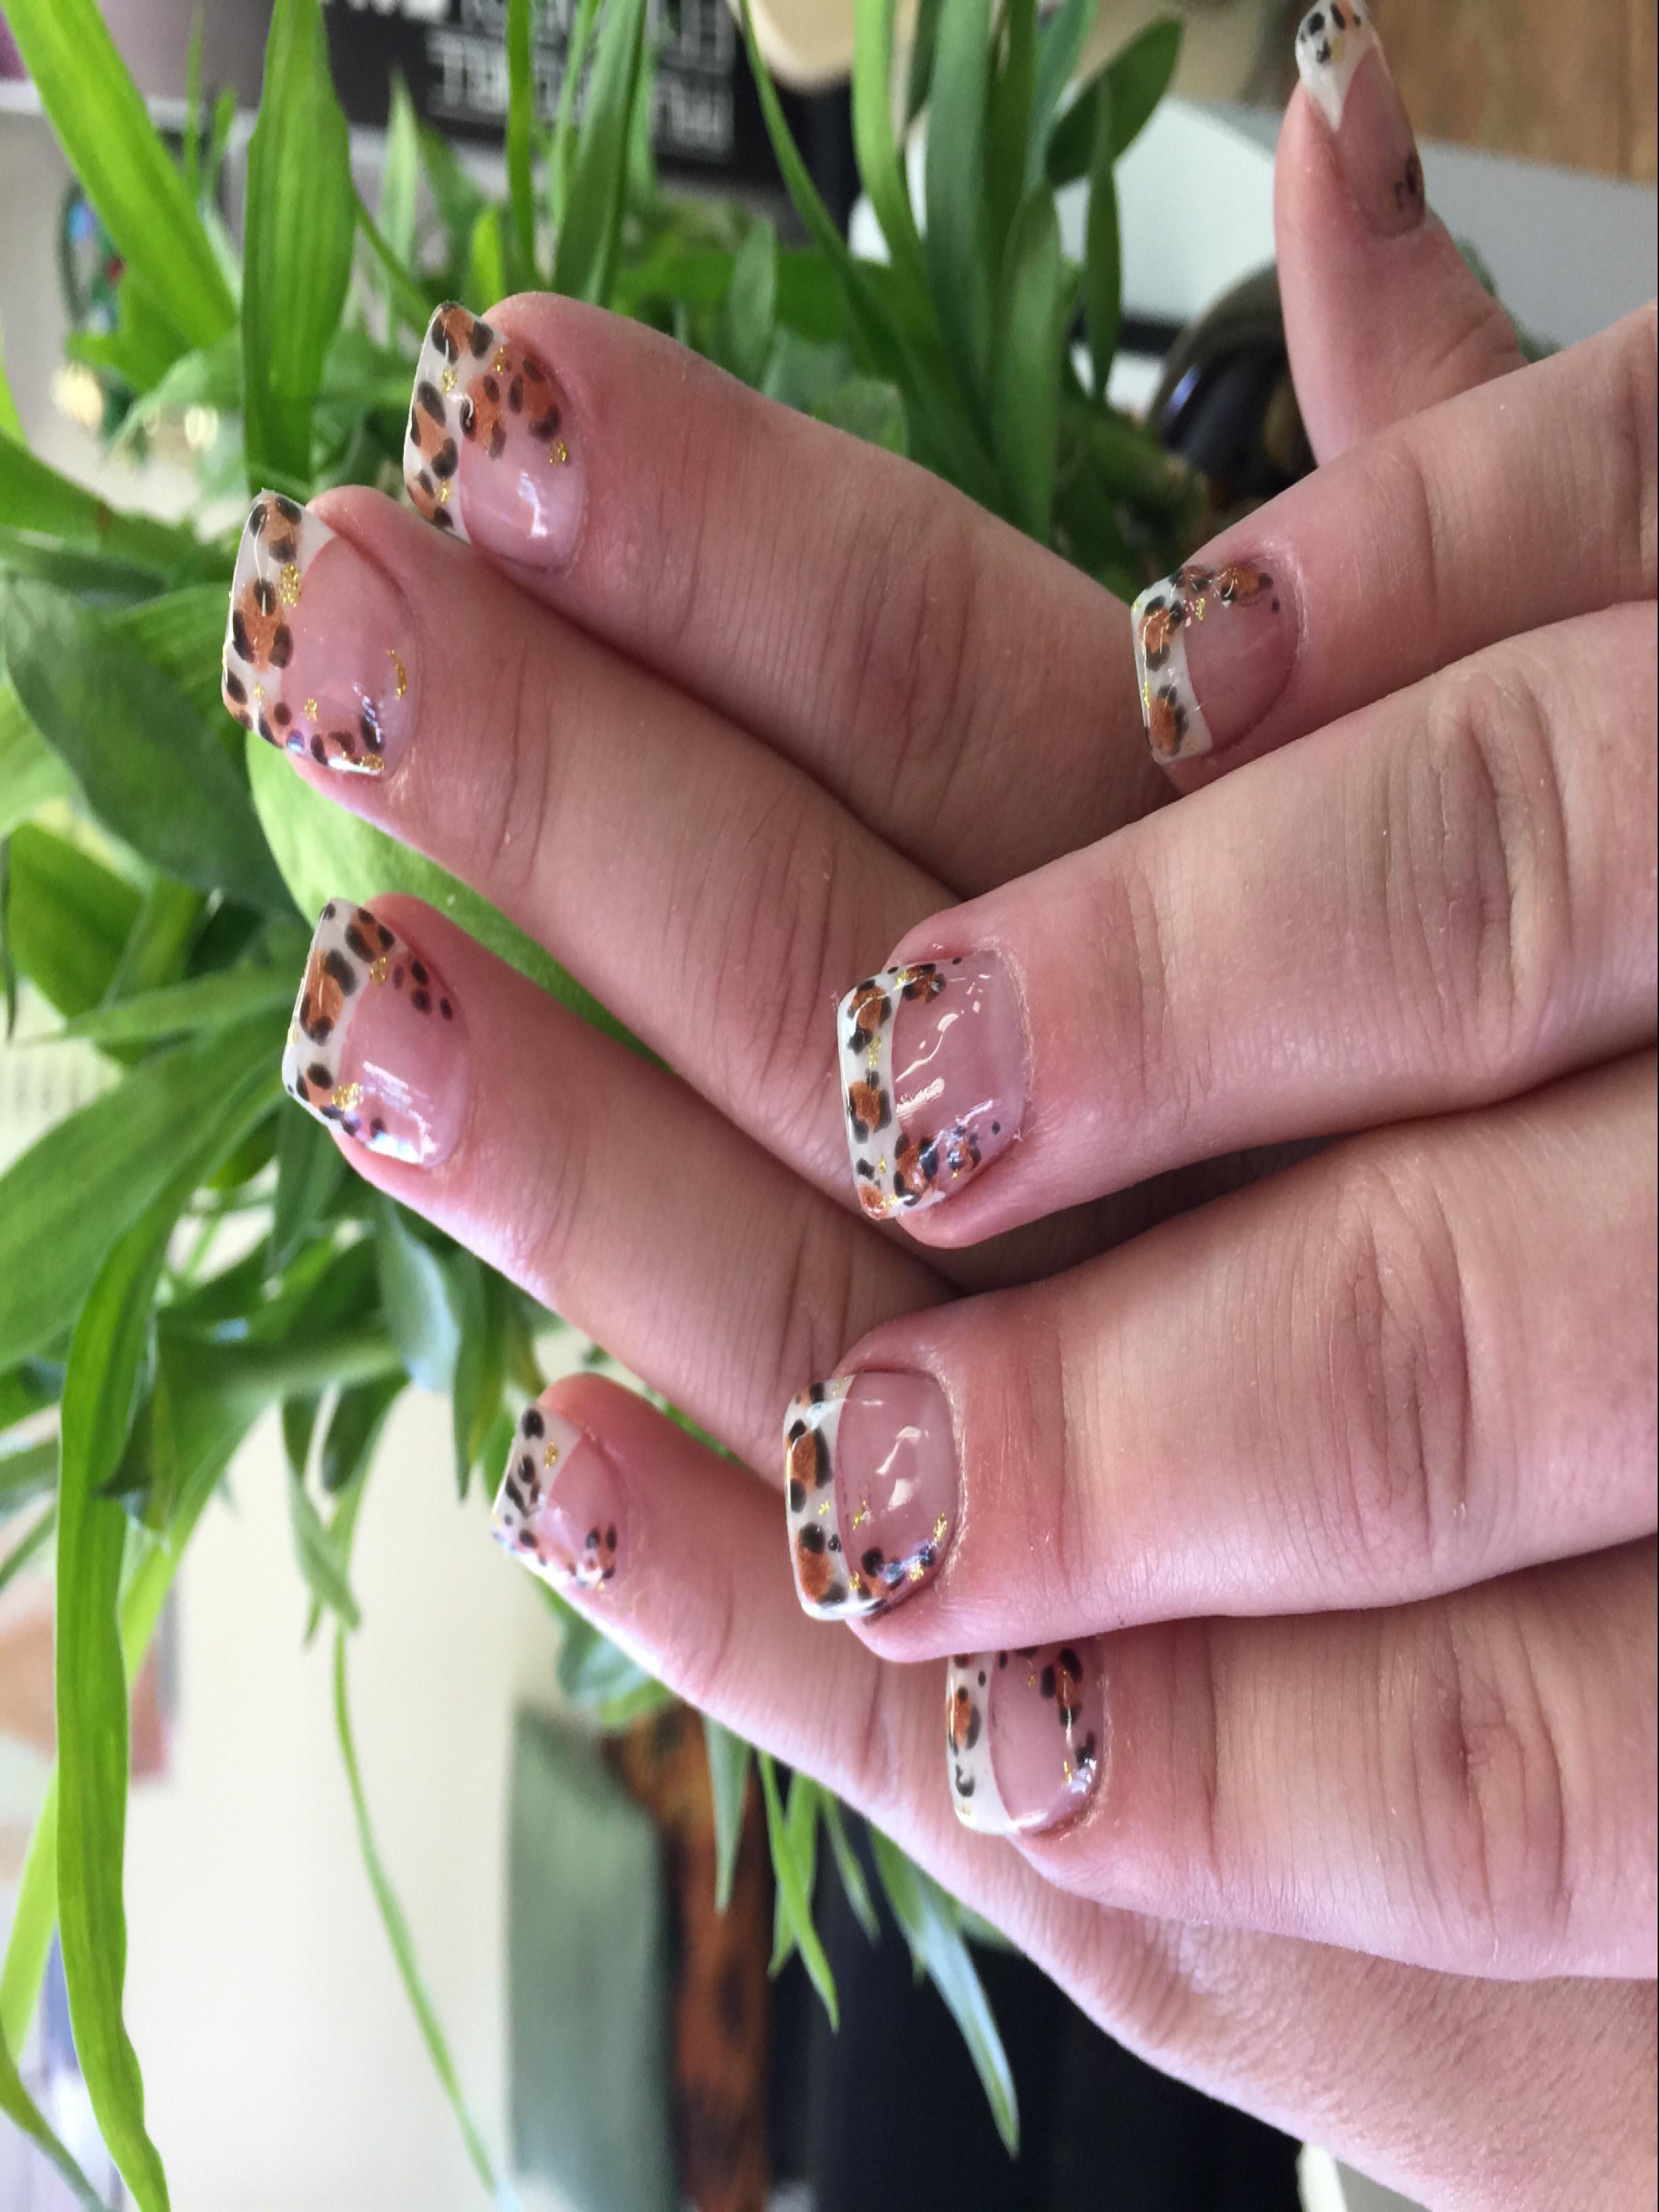 TA Nails & Spa image 30